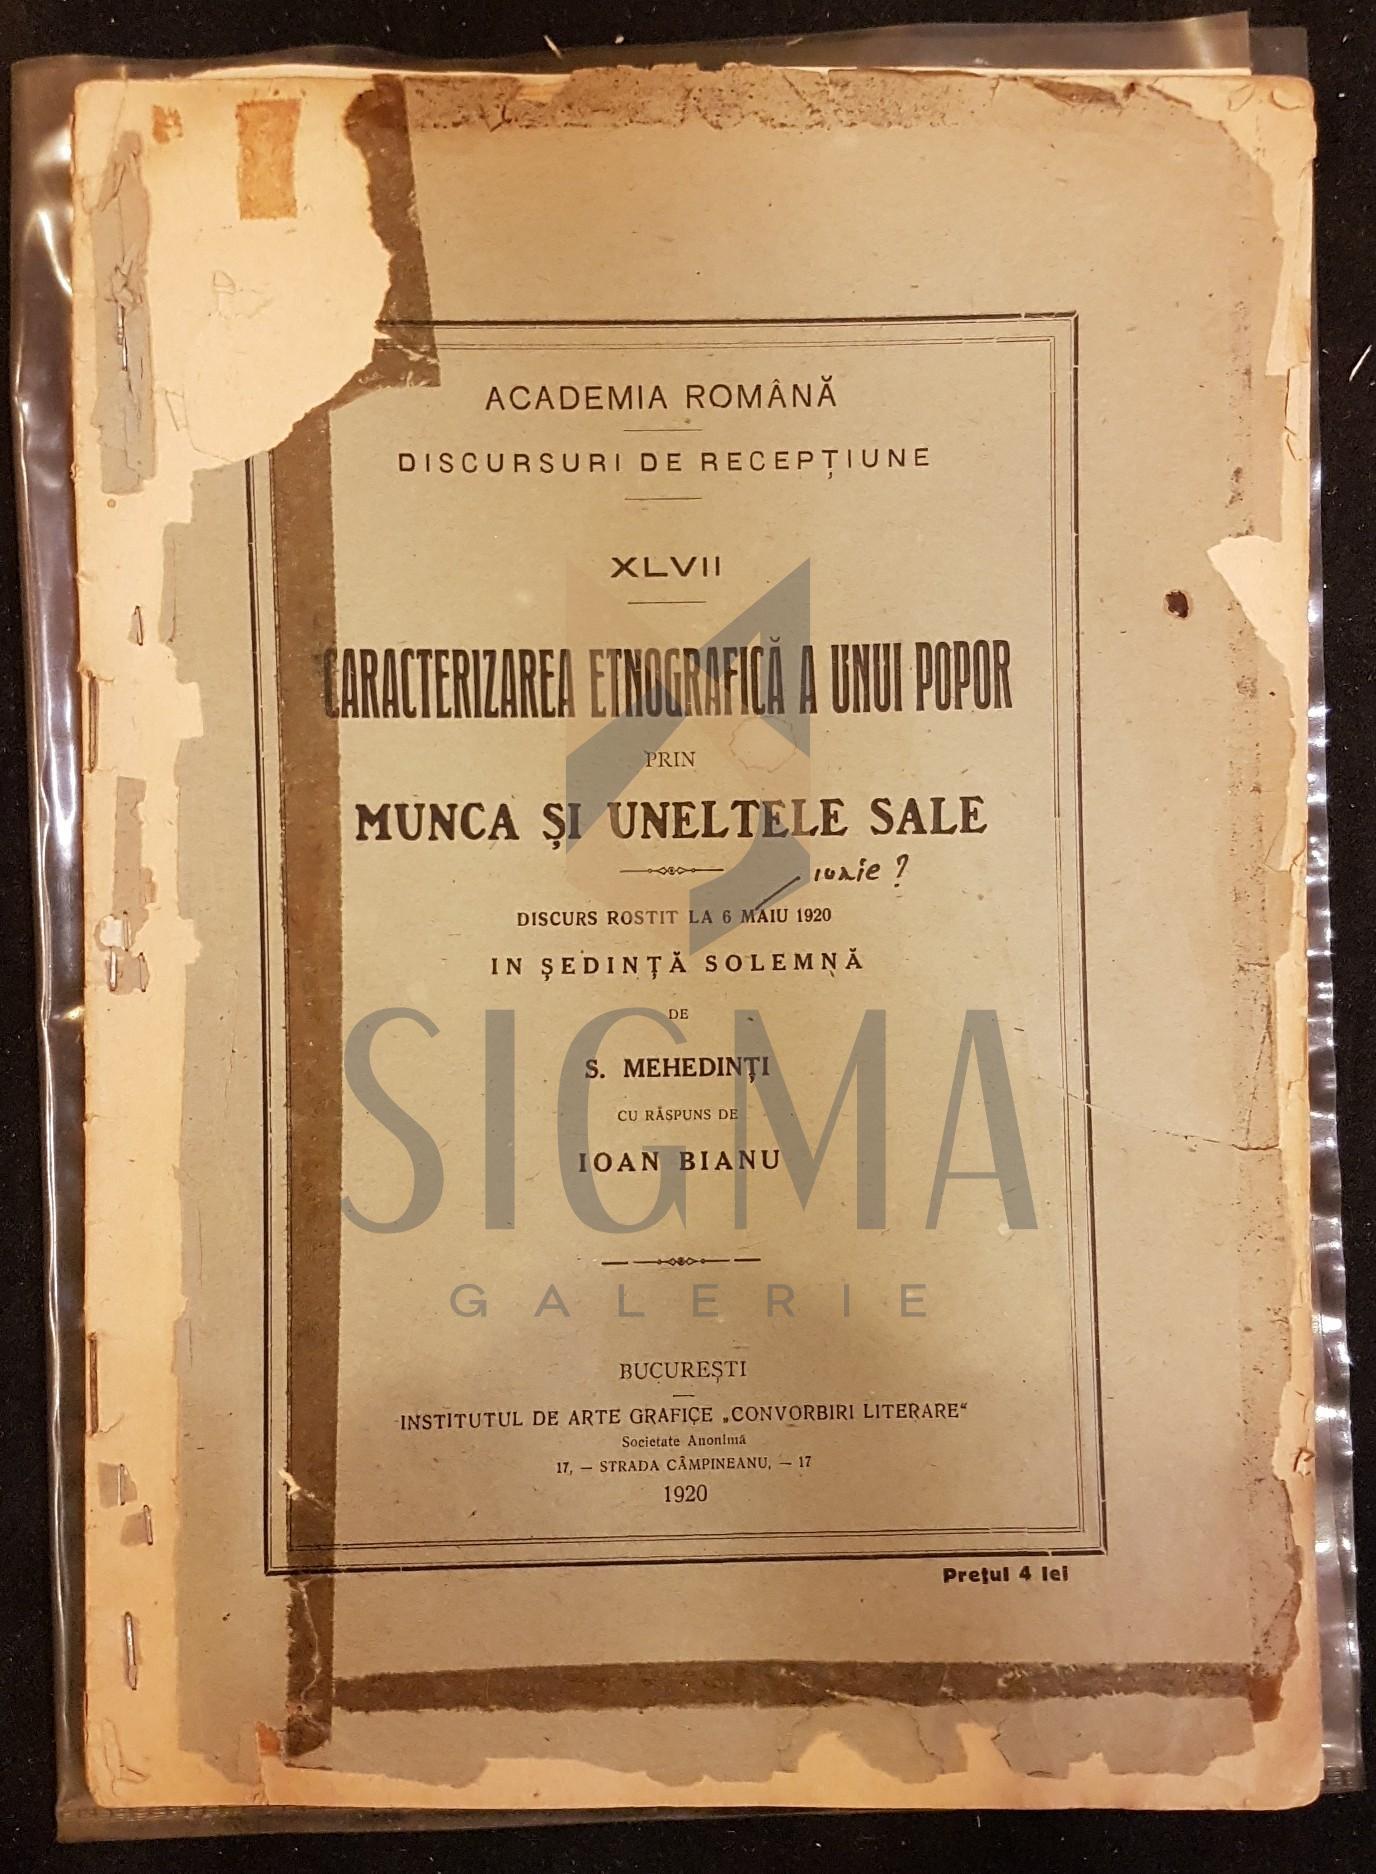 MEHEDINTI SIMION (Pofesor), CARACTERIZAREA ETNOGRAFICA A UNUI POPOR (PRIN MUNCA SI UNELTELE SALE), 1920, Bucuresti